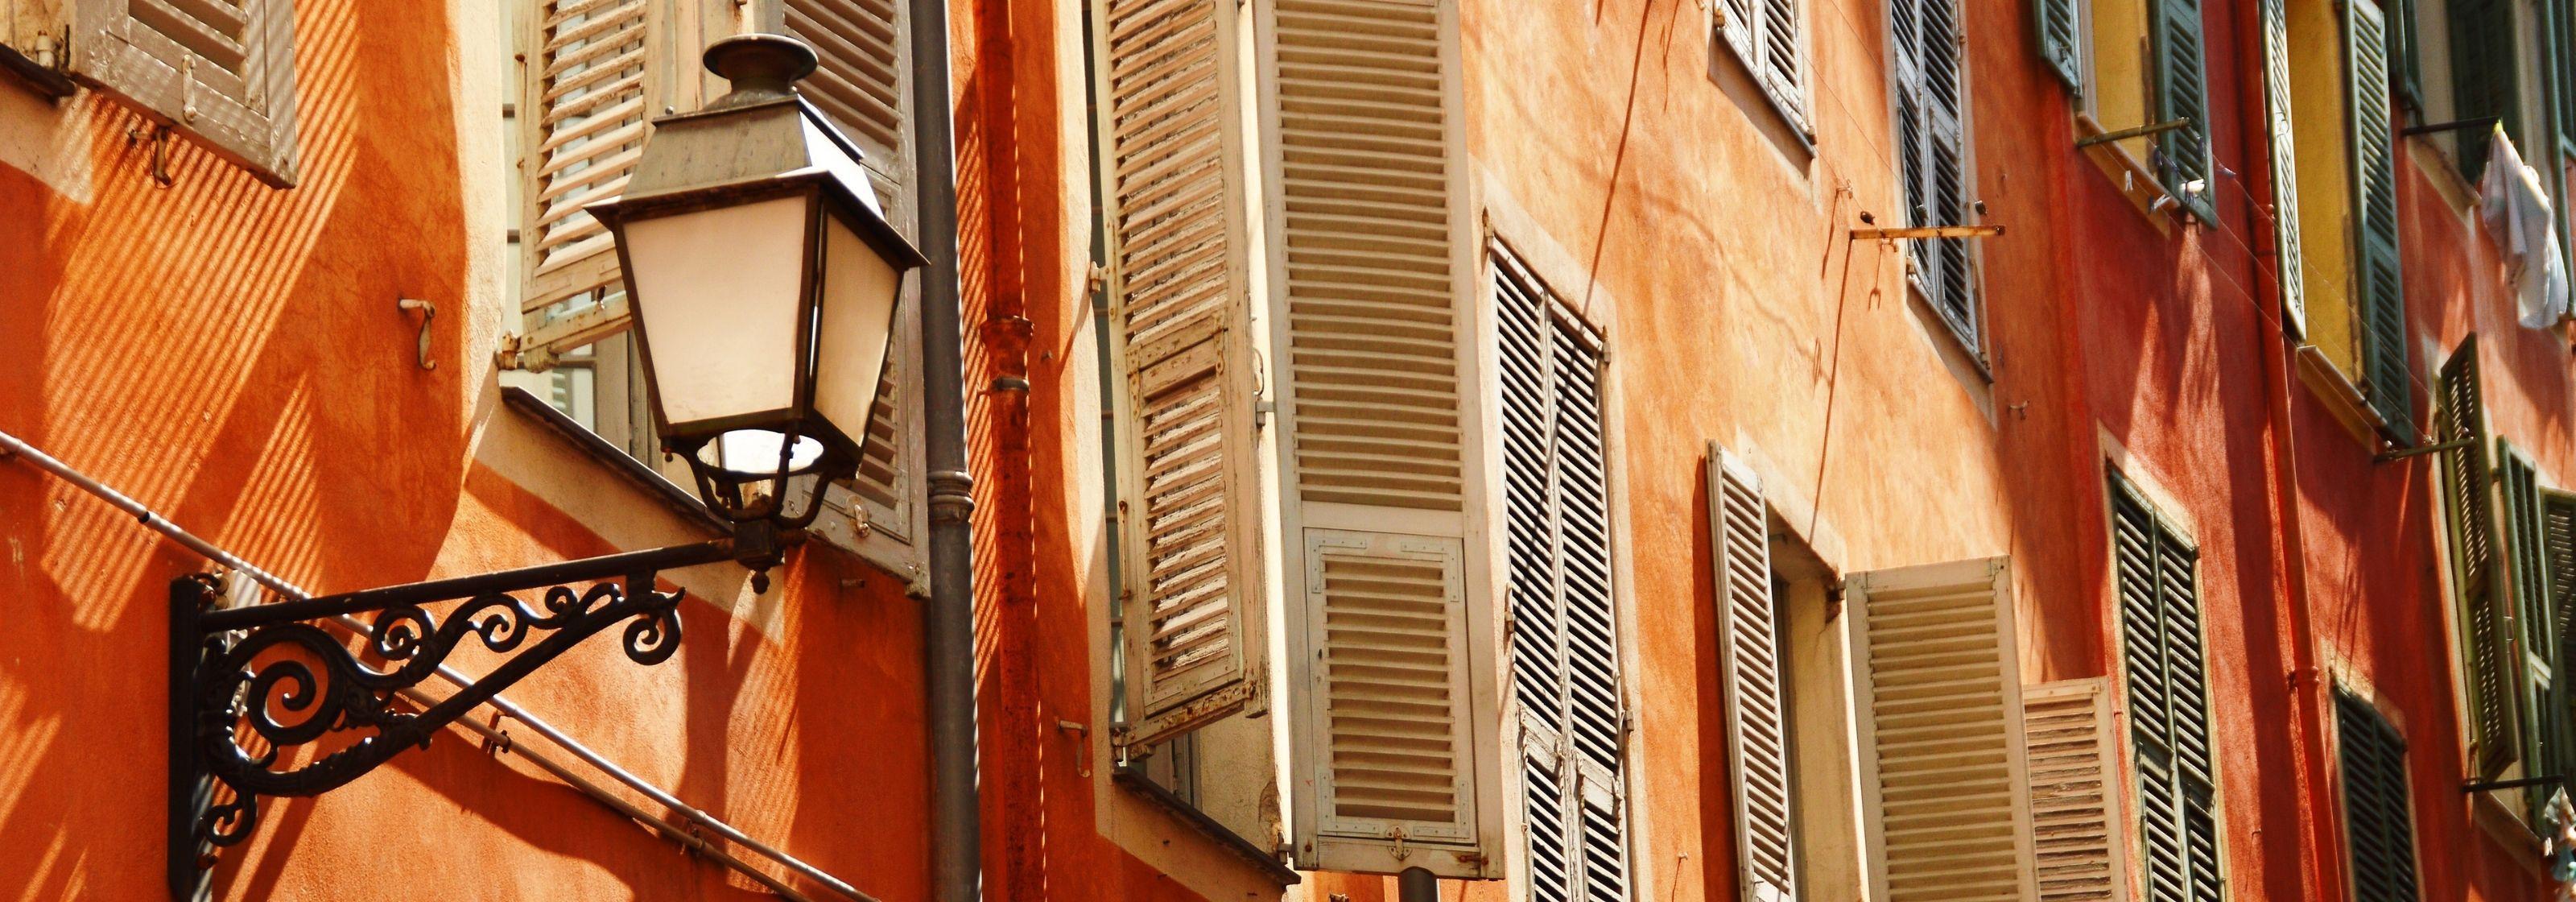 Cosas que hacer en Niza